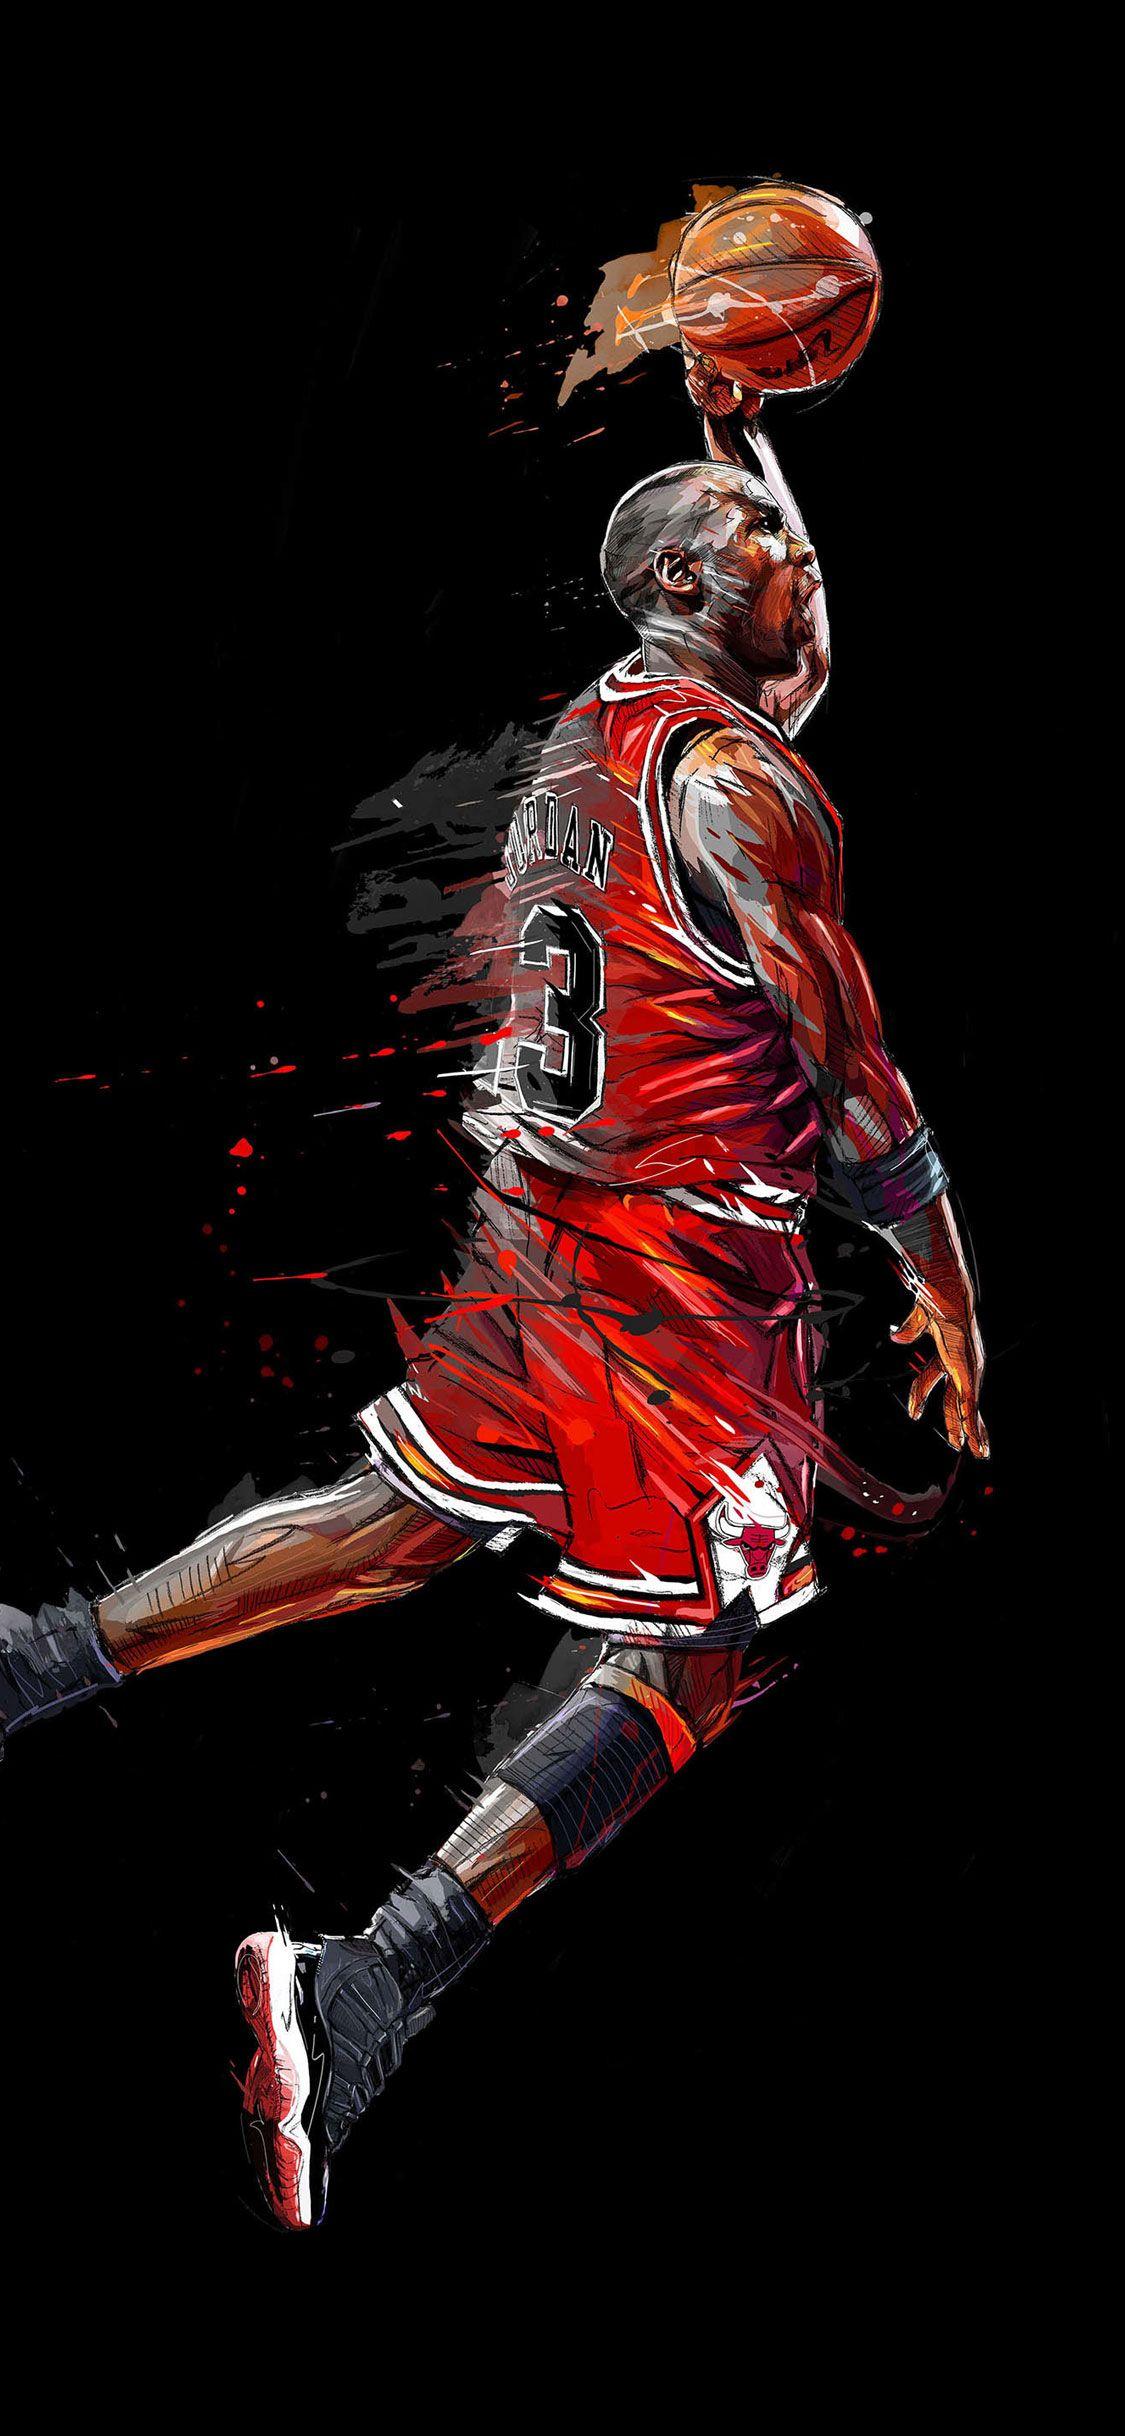 Épinglé par Hatem Zekri sur NBA Art michael jordan, Fond